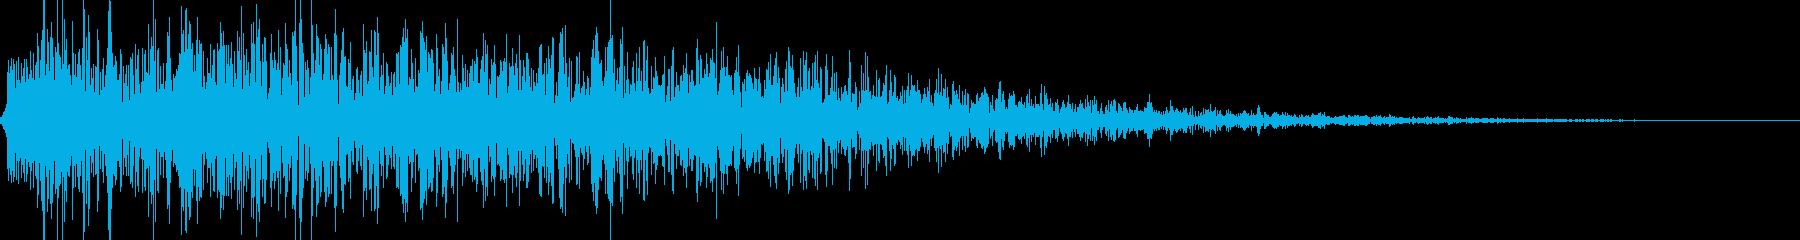 ロボット足音 タイプ16の再生済みの波形